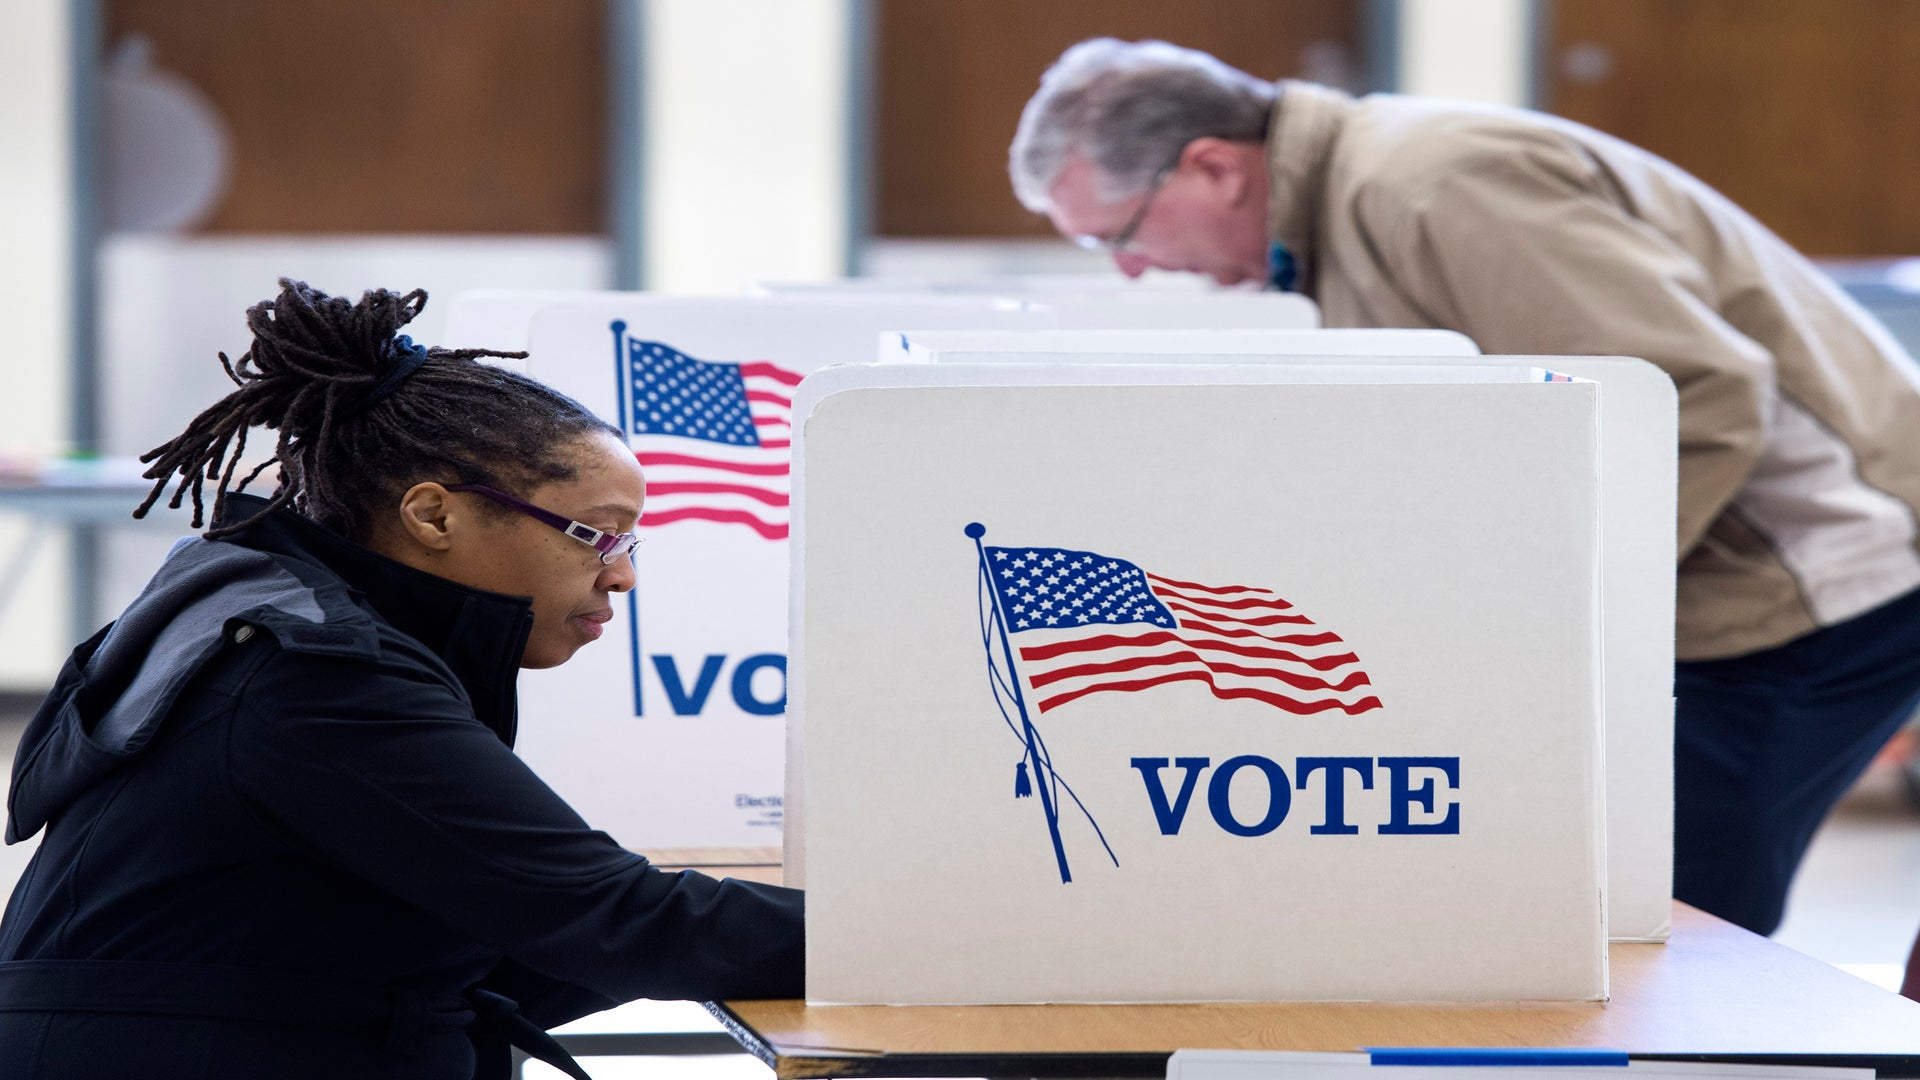 Hotline Established To Help Prevent Voter Intimidation